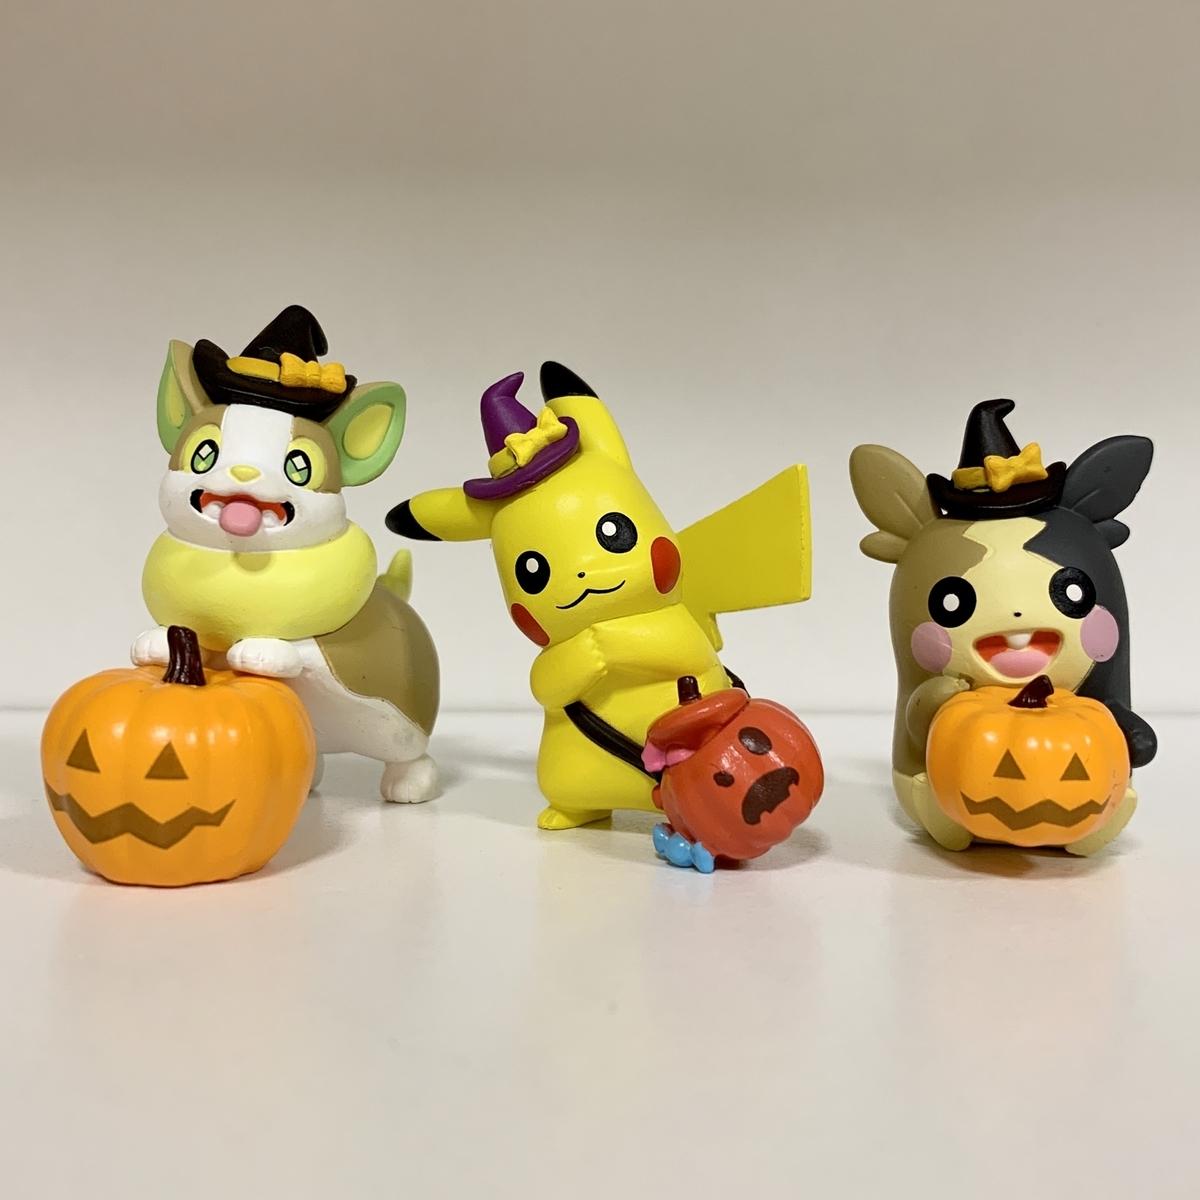 f:id:pikachu_pcn:20200915135717j:plain